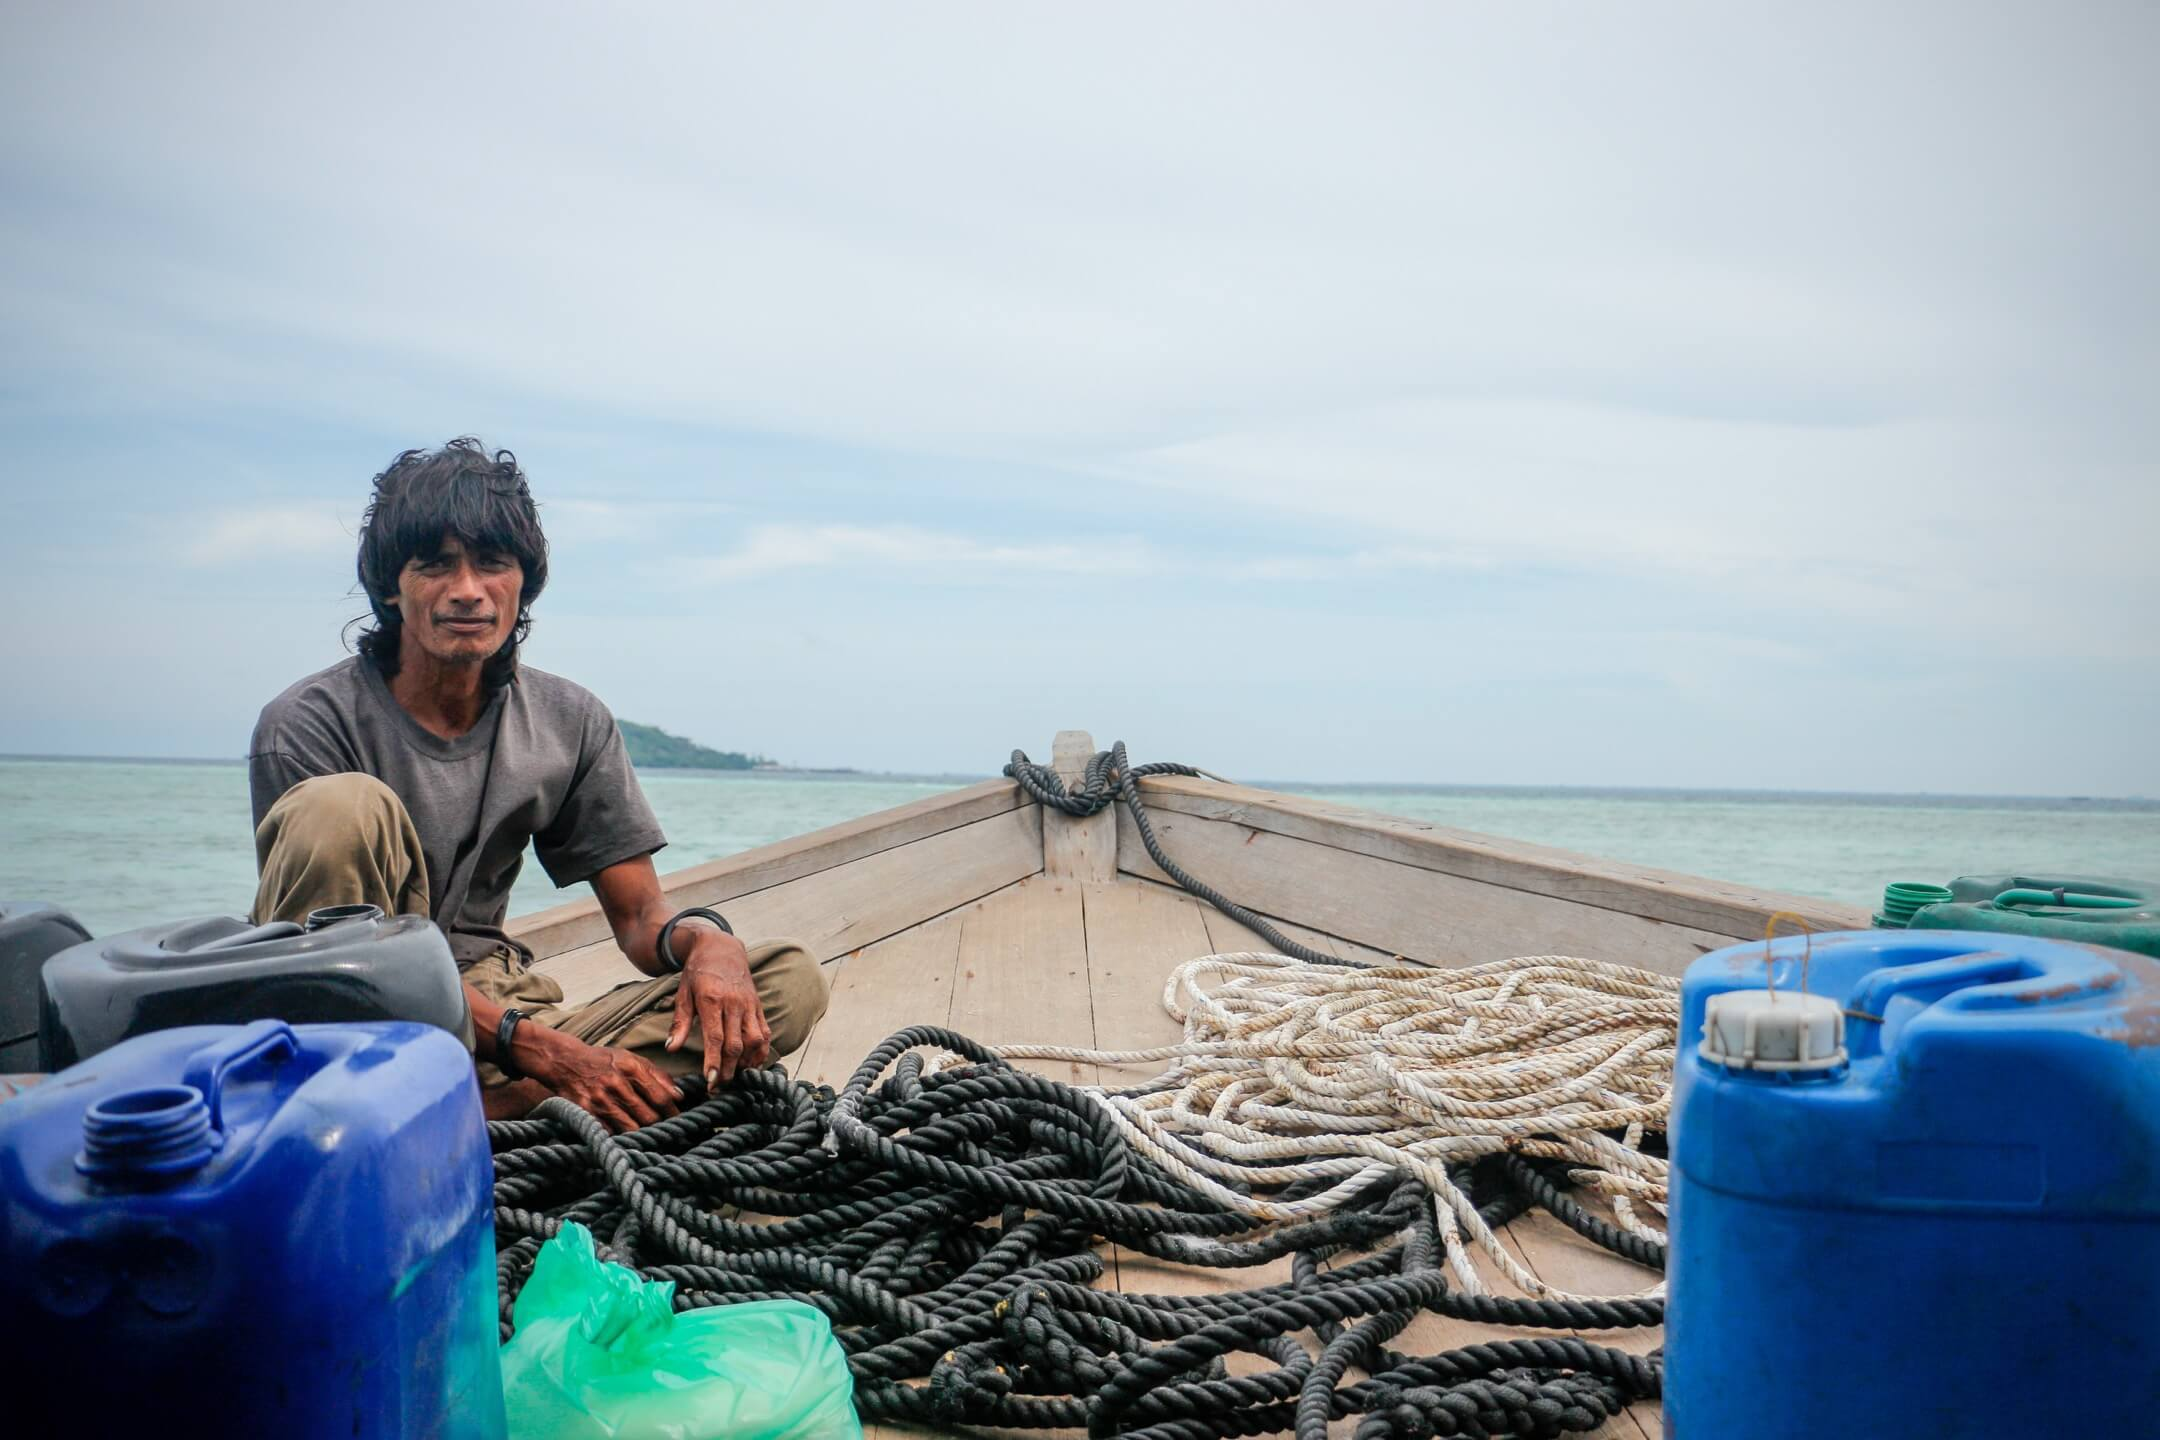 2018年9月一個悶熱卻有少許涼風的午後,長髮及肩的翁古坐在仙本那東北海岸邊一艘船屋的甲板上,已經不記得自己在此生活了多少年。